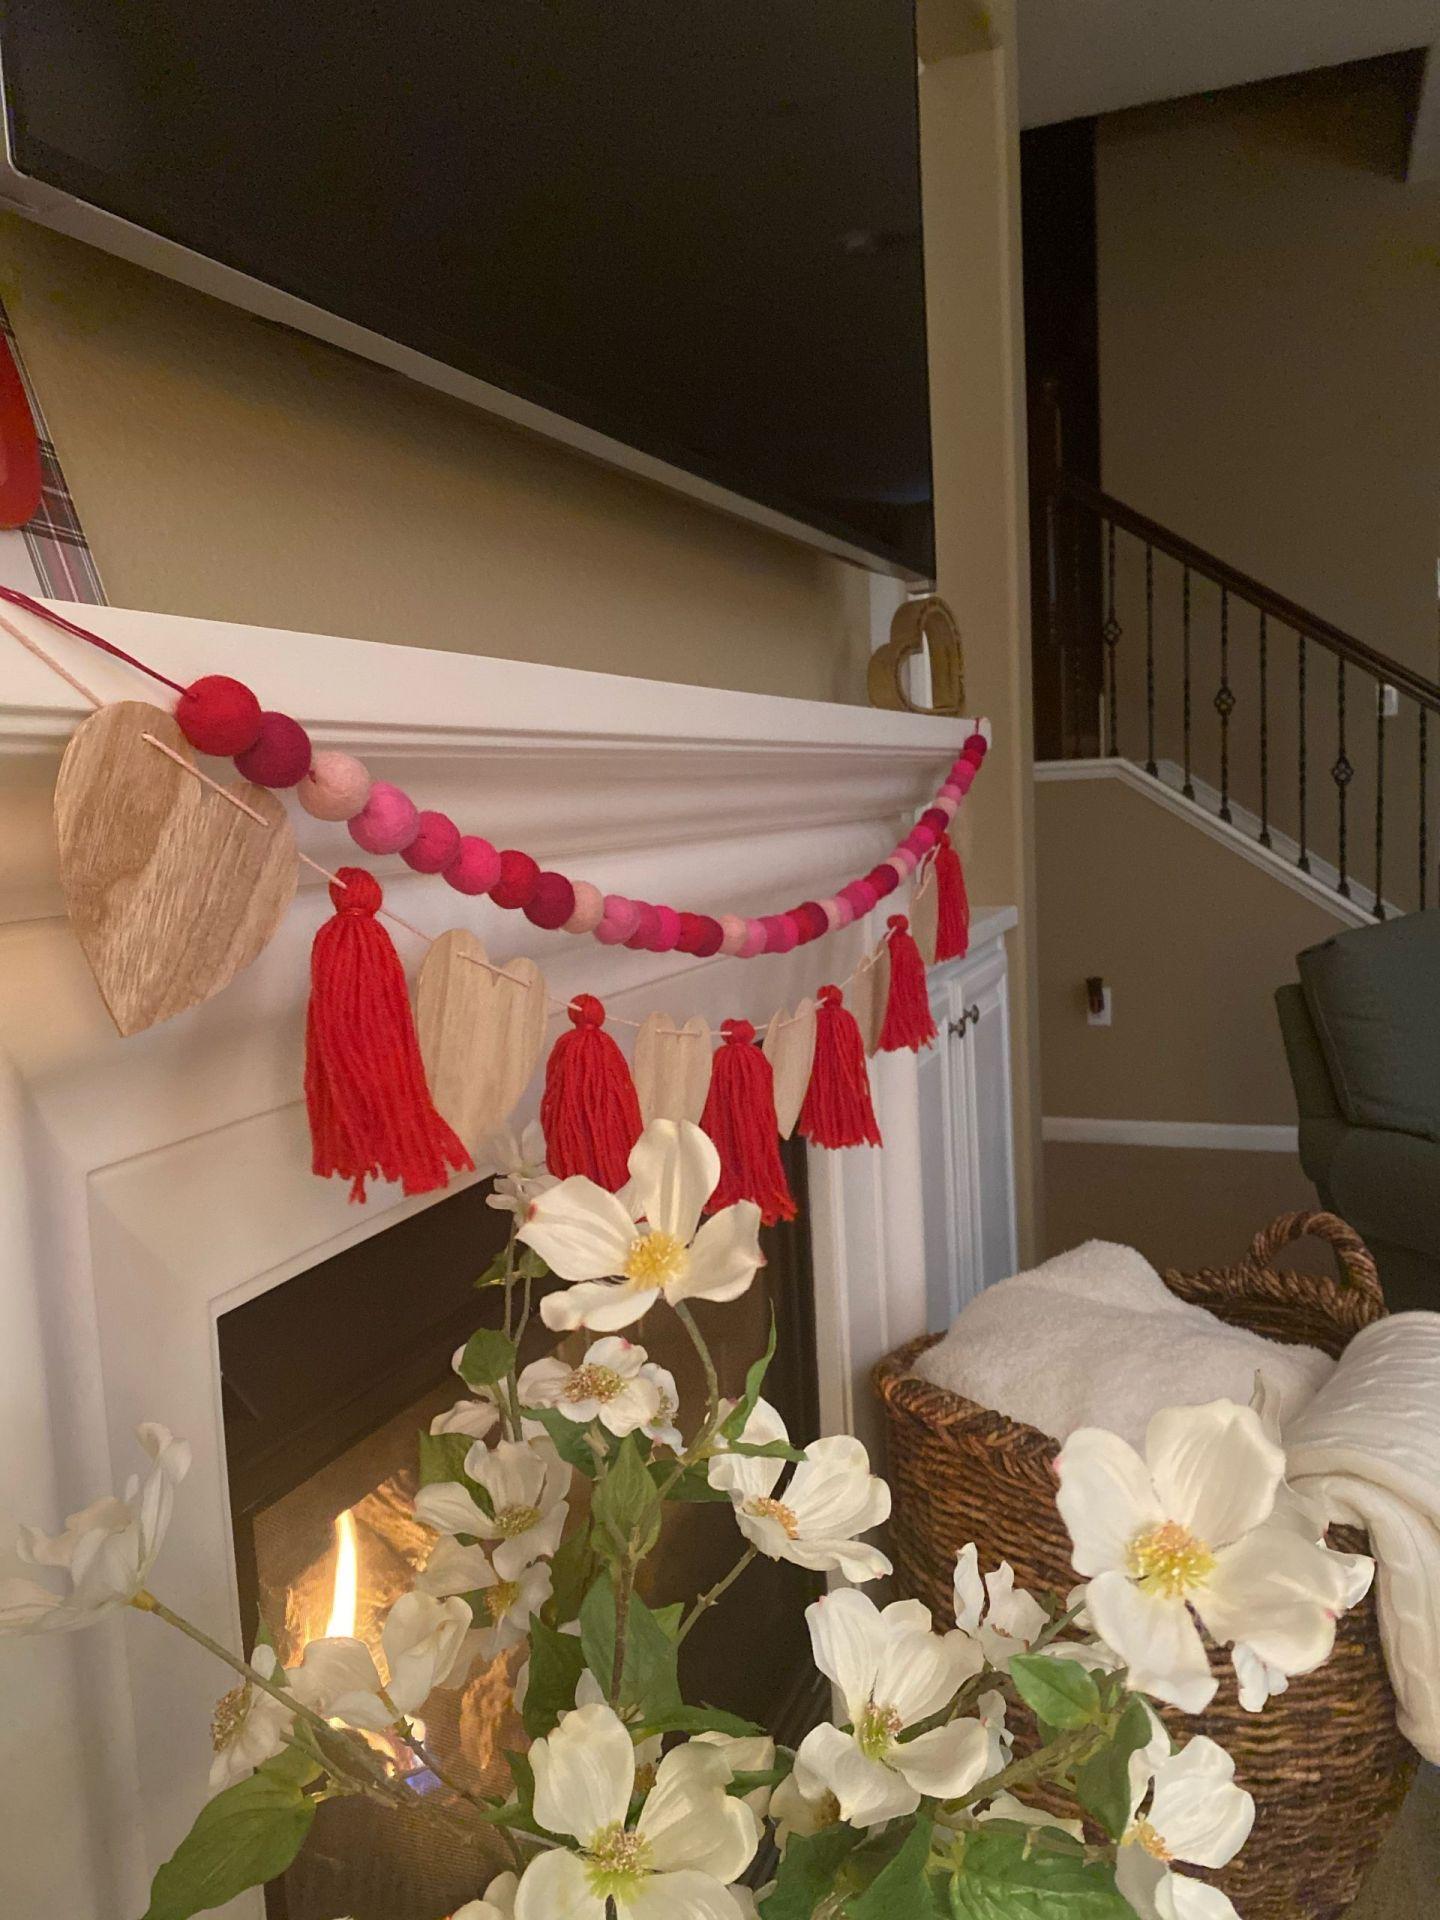 Valentines decor